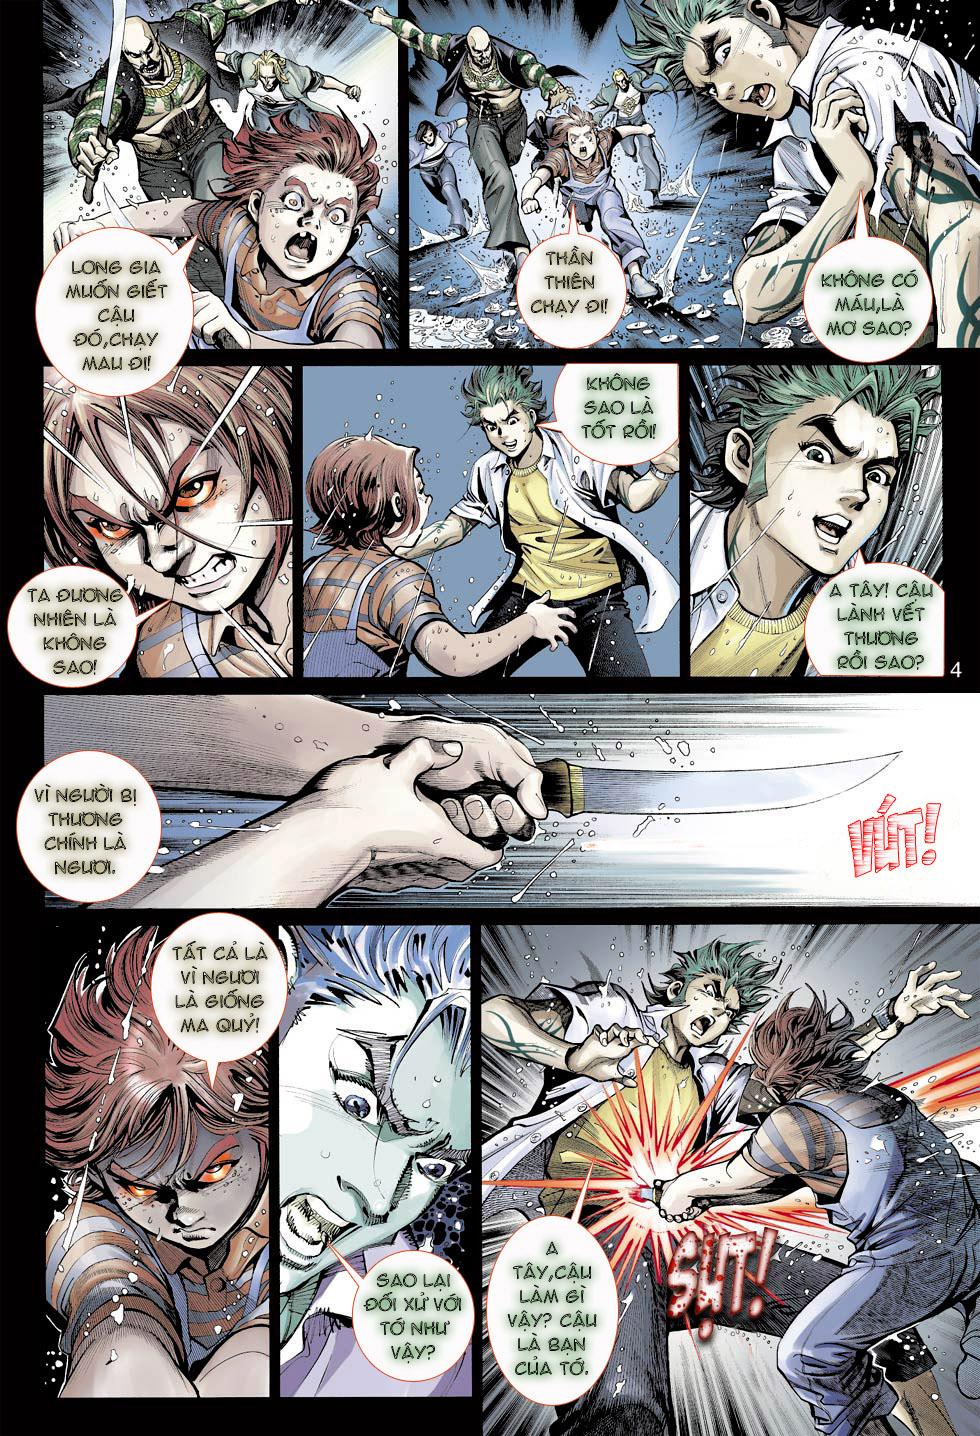 Thần Binh 4 chap 23 - Trang 4